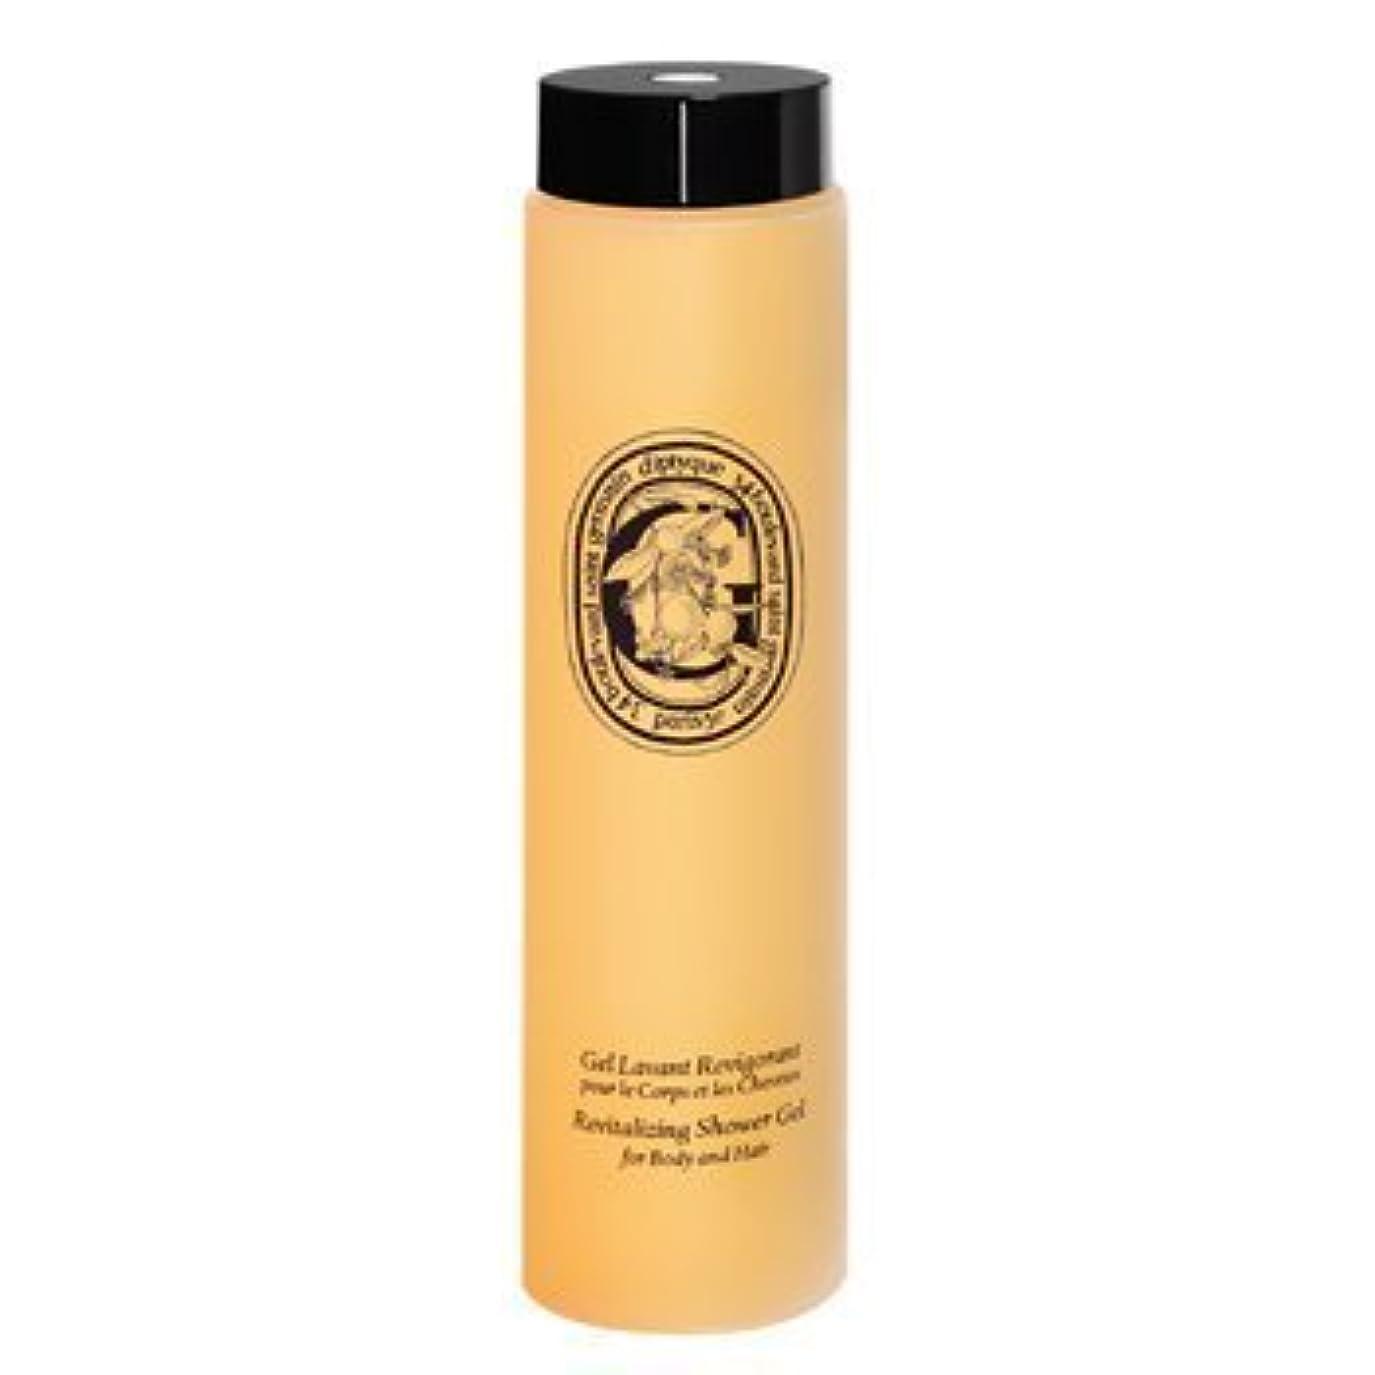 反論者でるうめき声Diptyque The Art of Body Care Revitalizing Shower Gel Hair & Body-6.8 oz by Diptyque [並行輸入品]